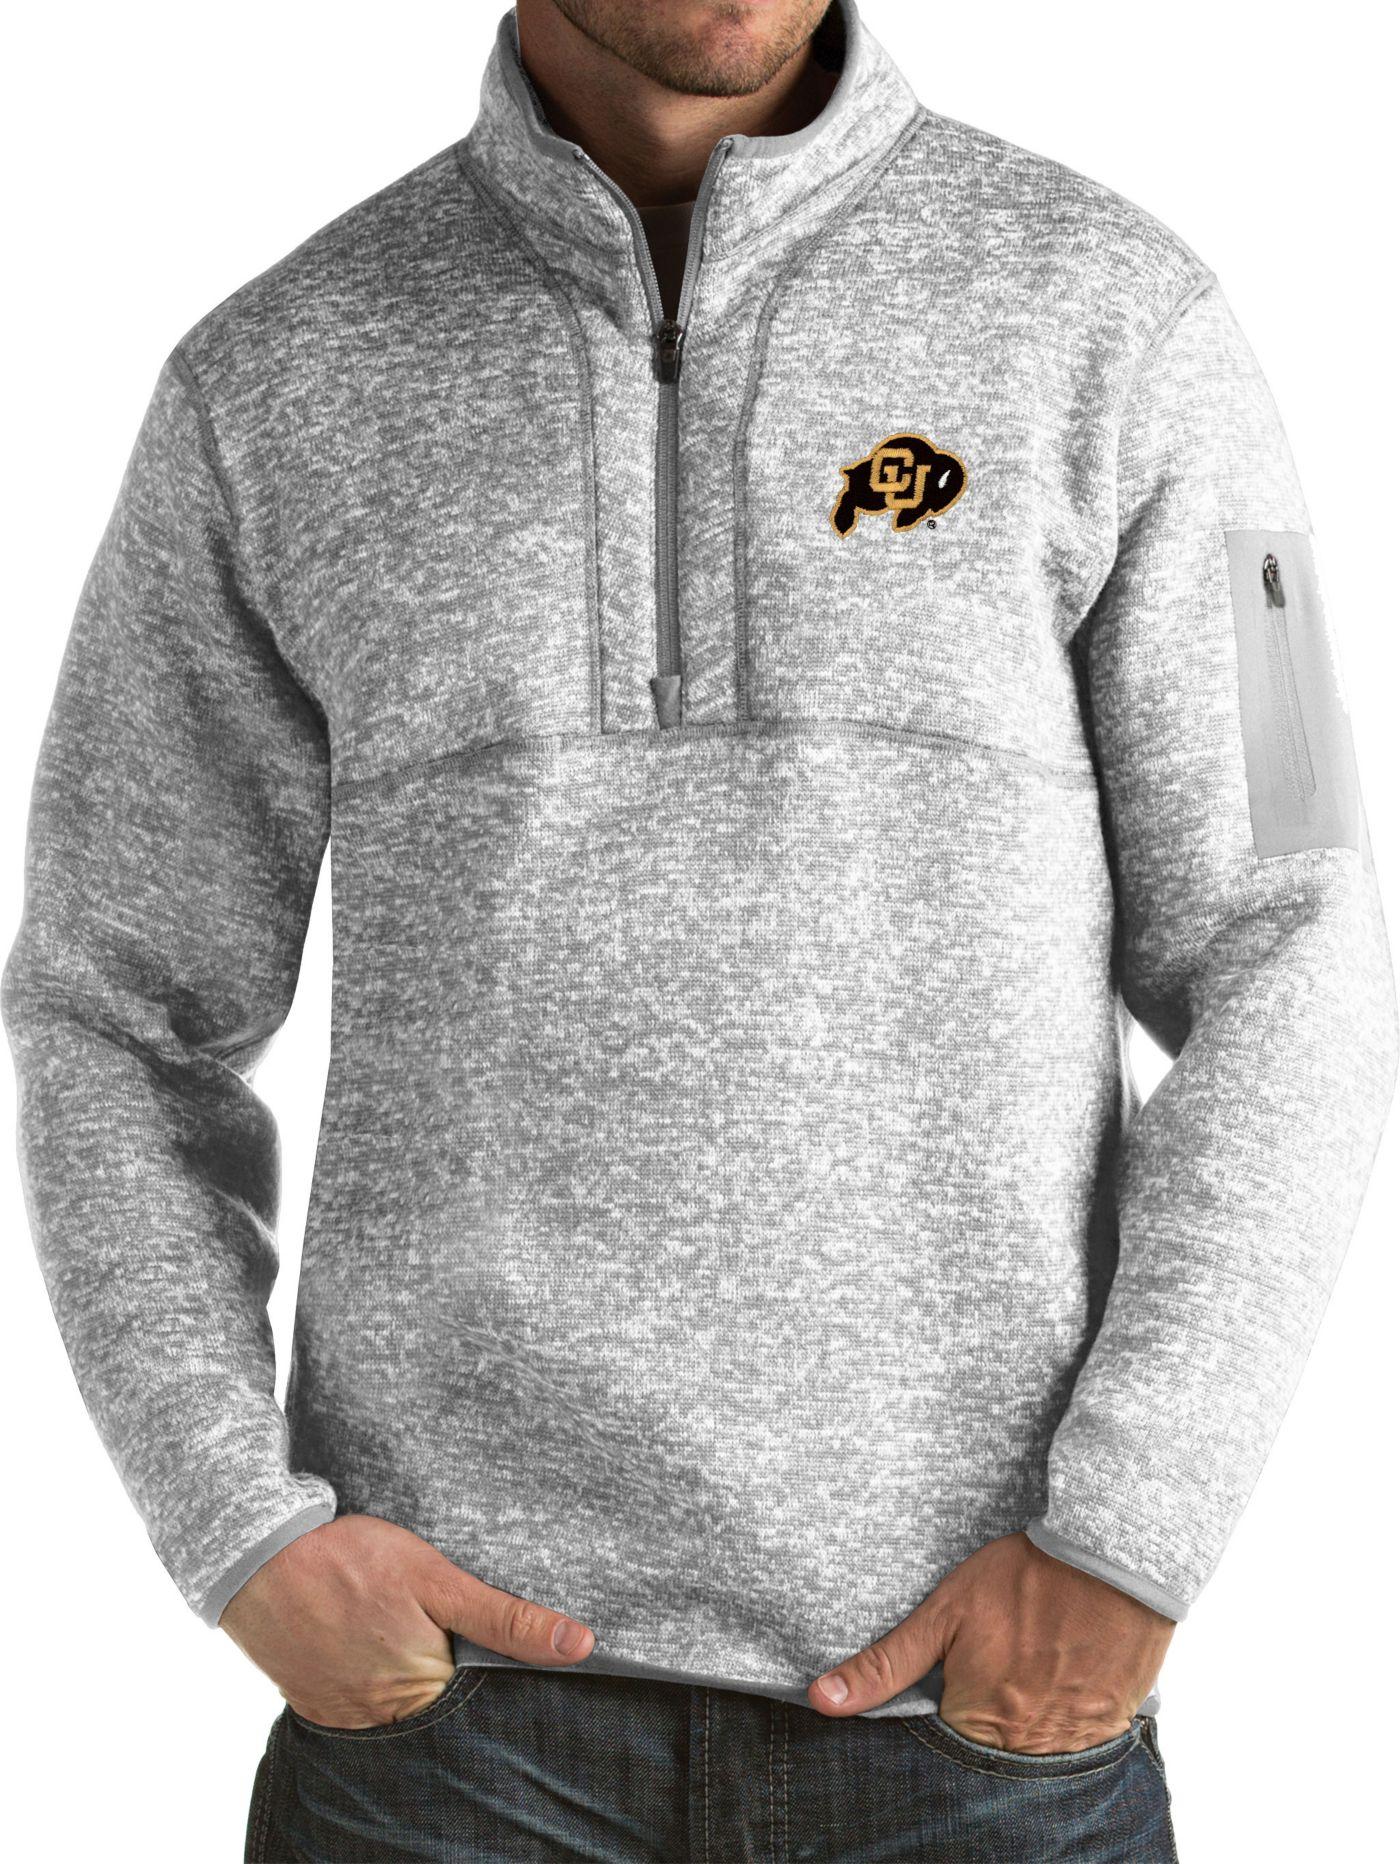 Antigua Men's Colorado Buffaloes Grey Fortune Pullover Jacket